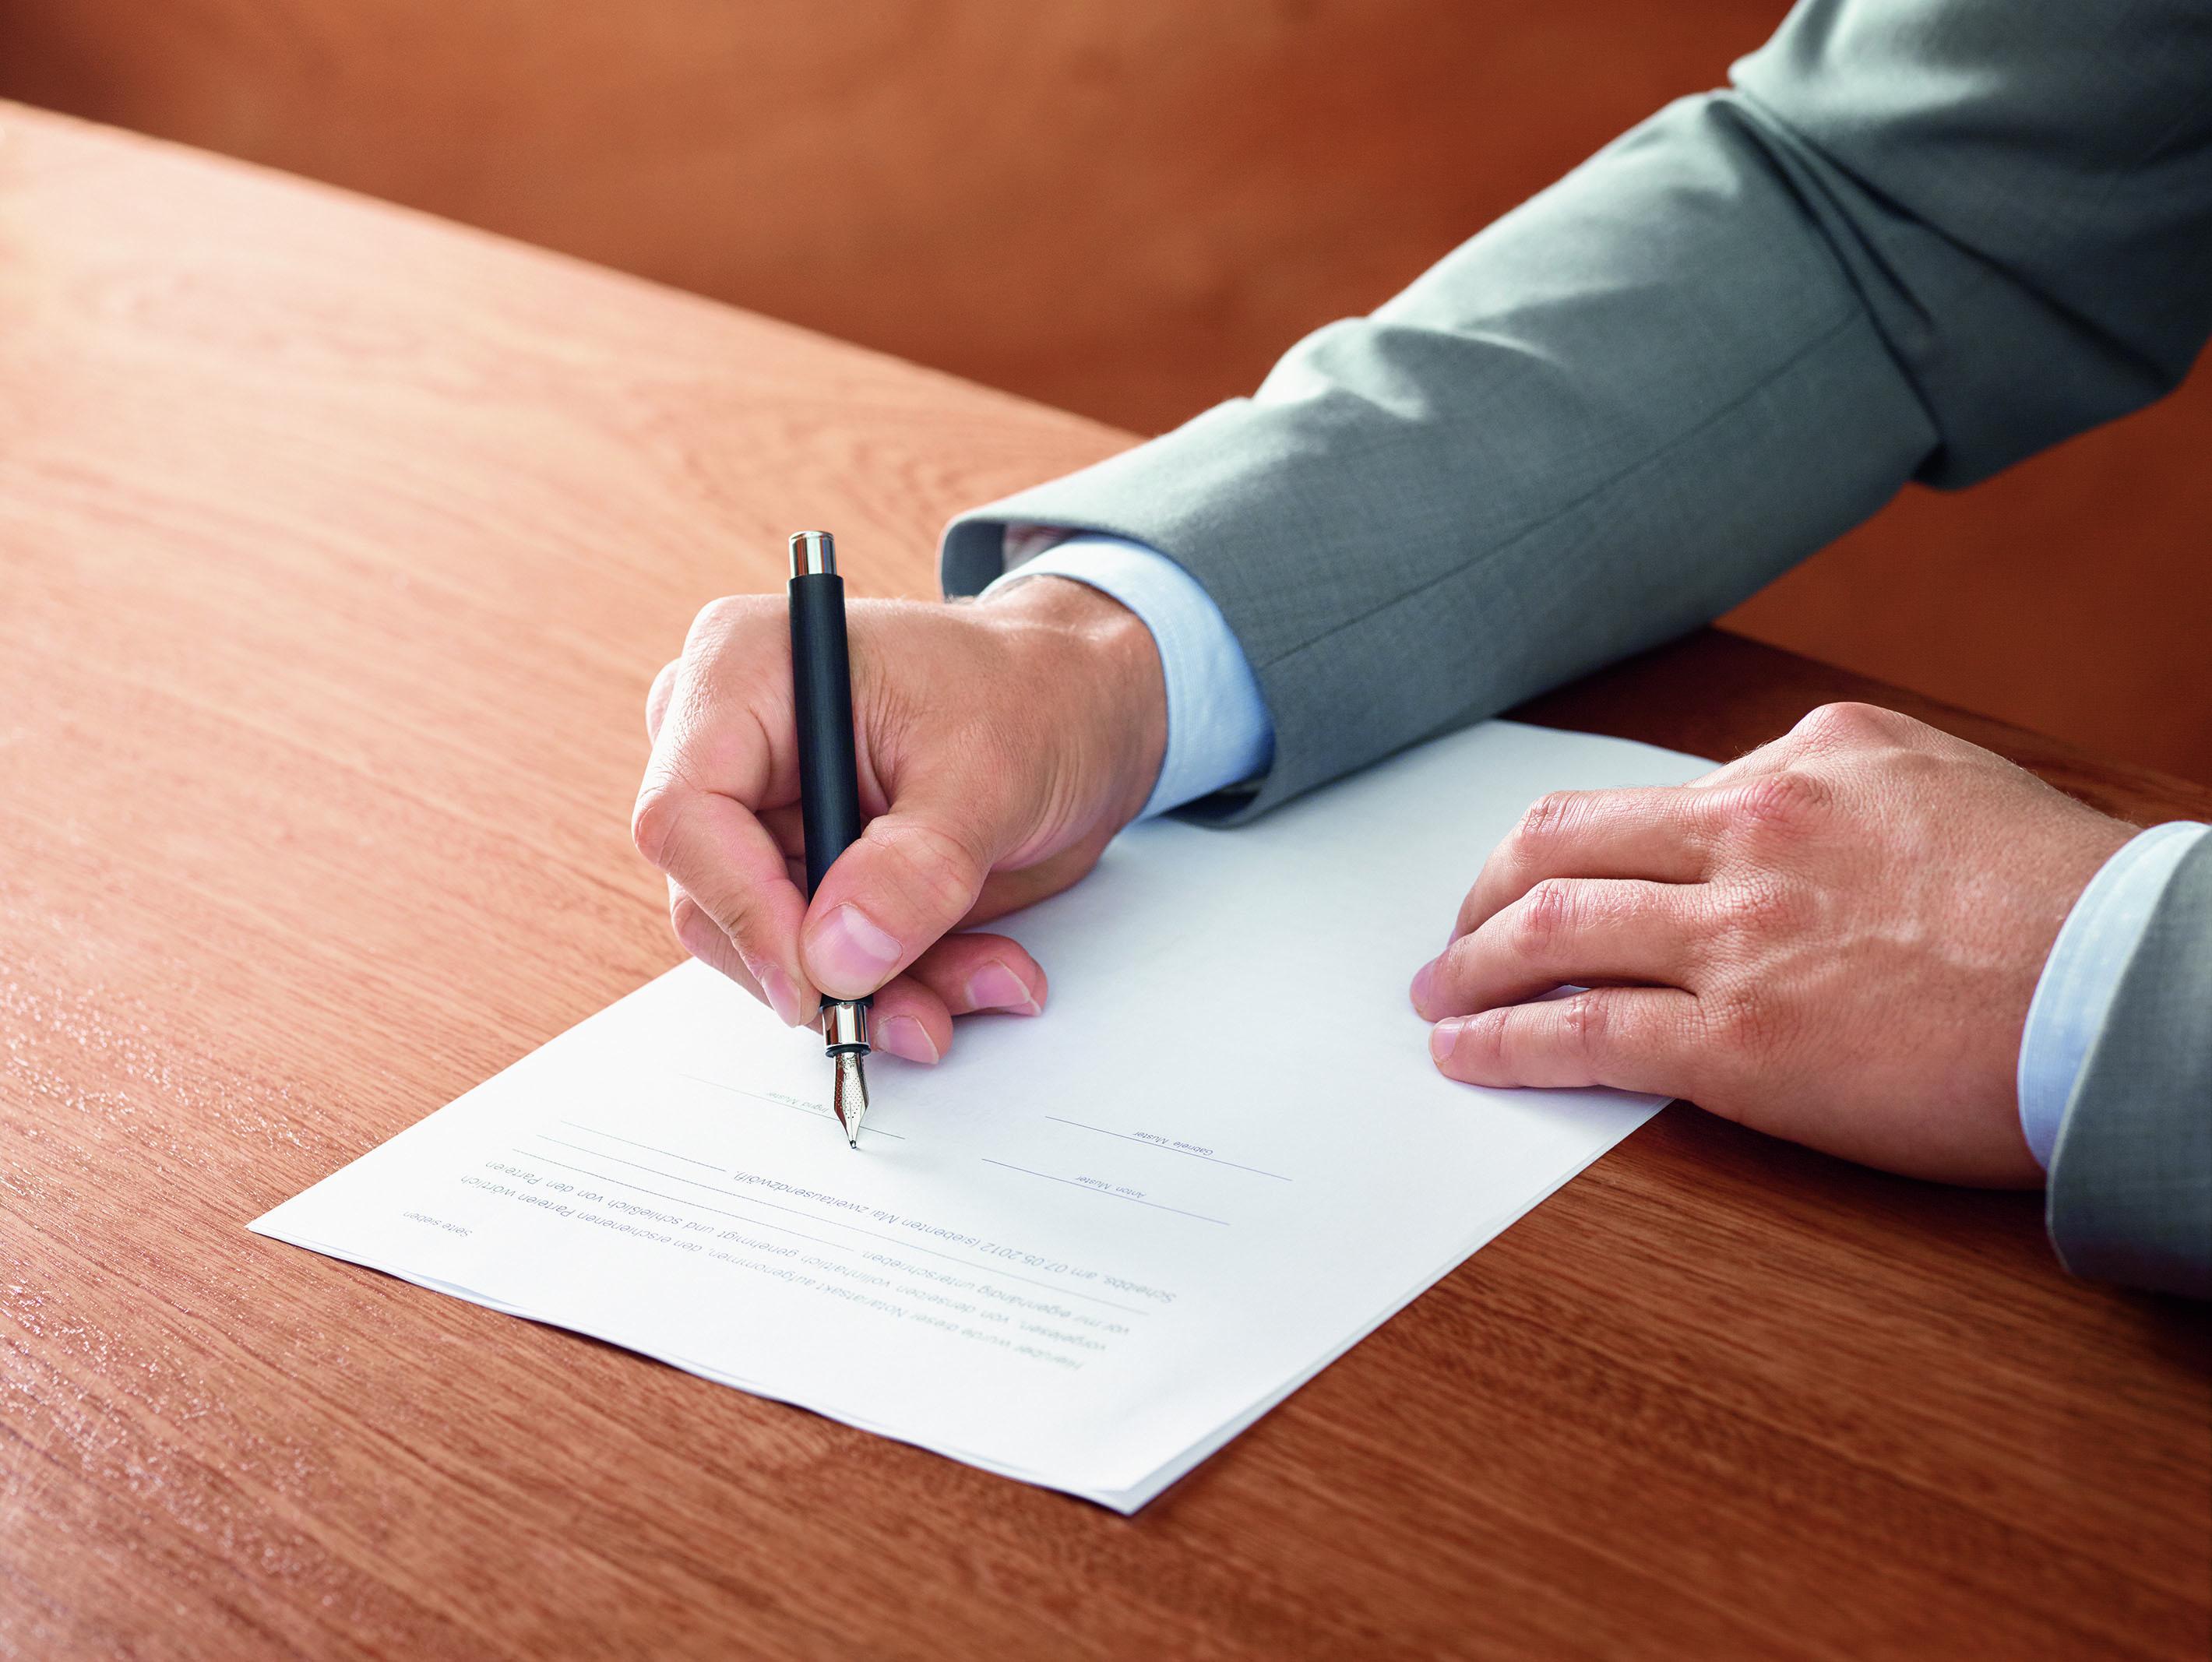 COVID-19: Notarielle Rechtsdienstleistungen sind weiterhin möglich.